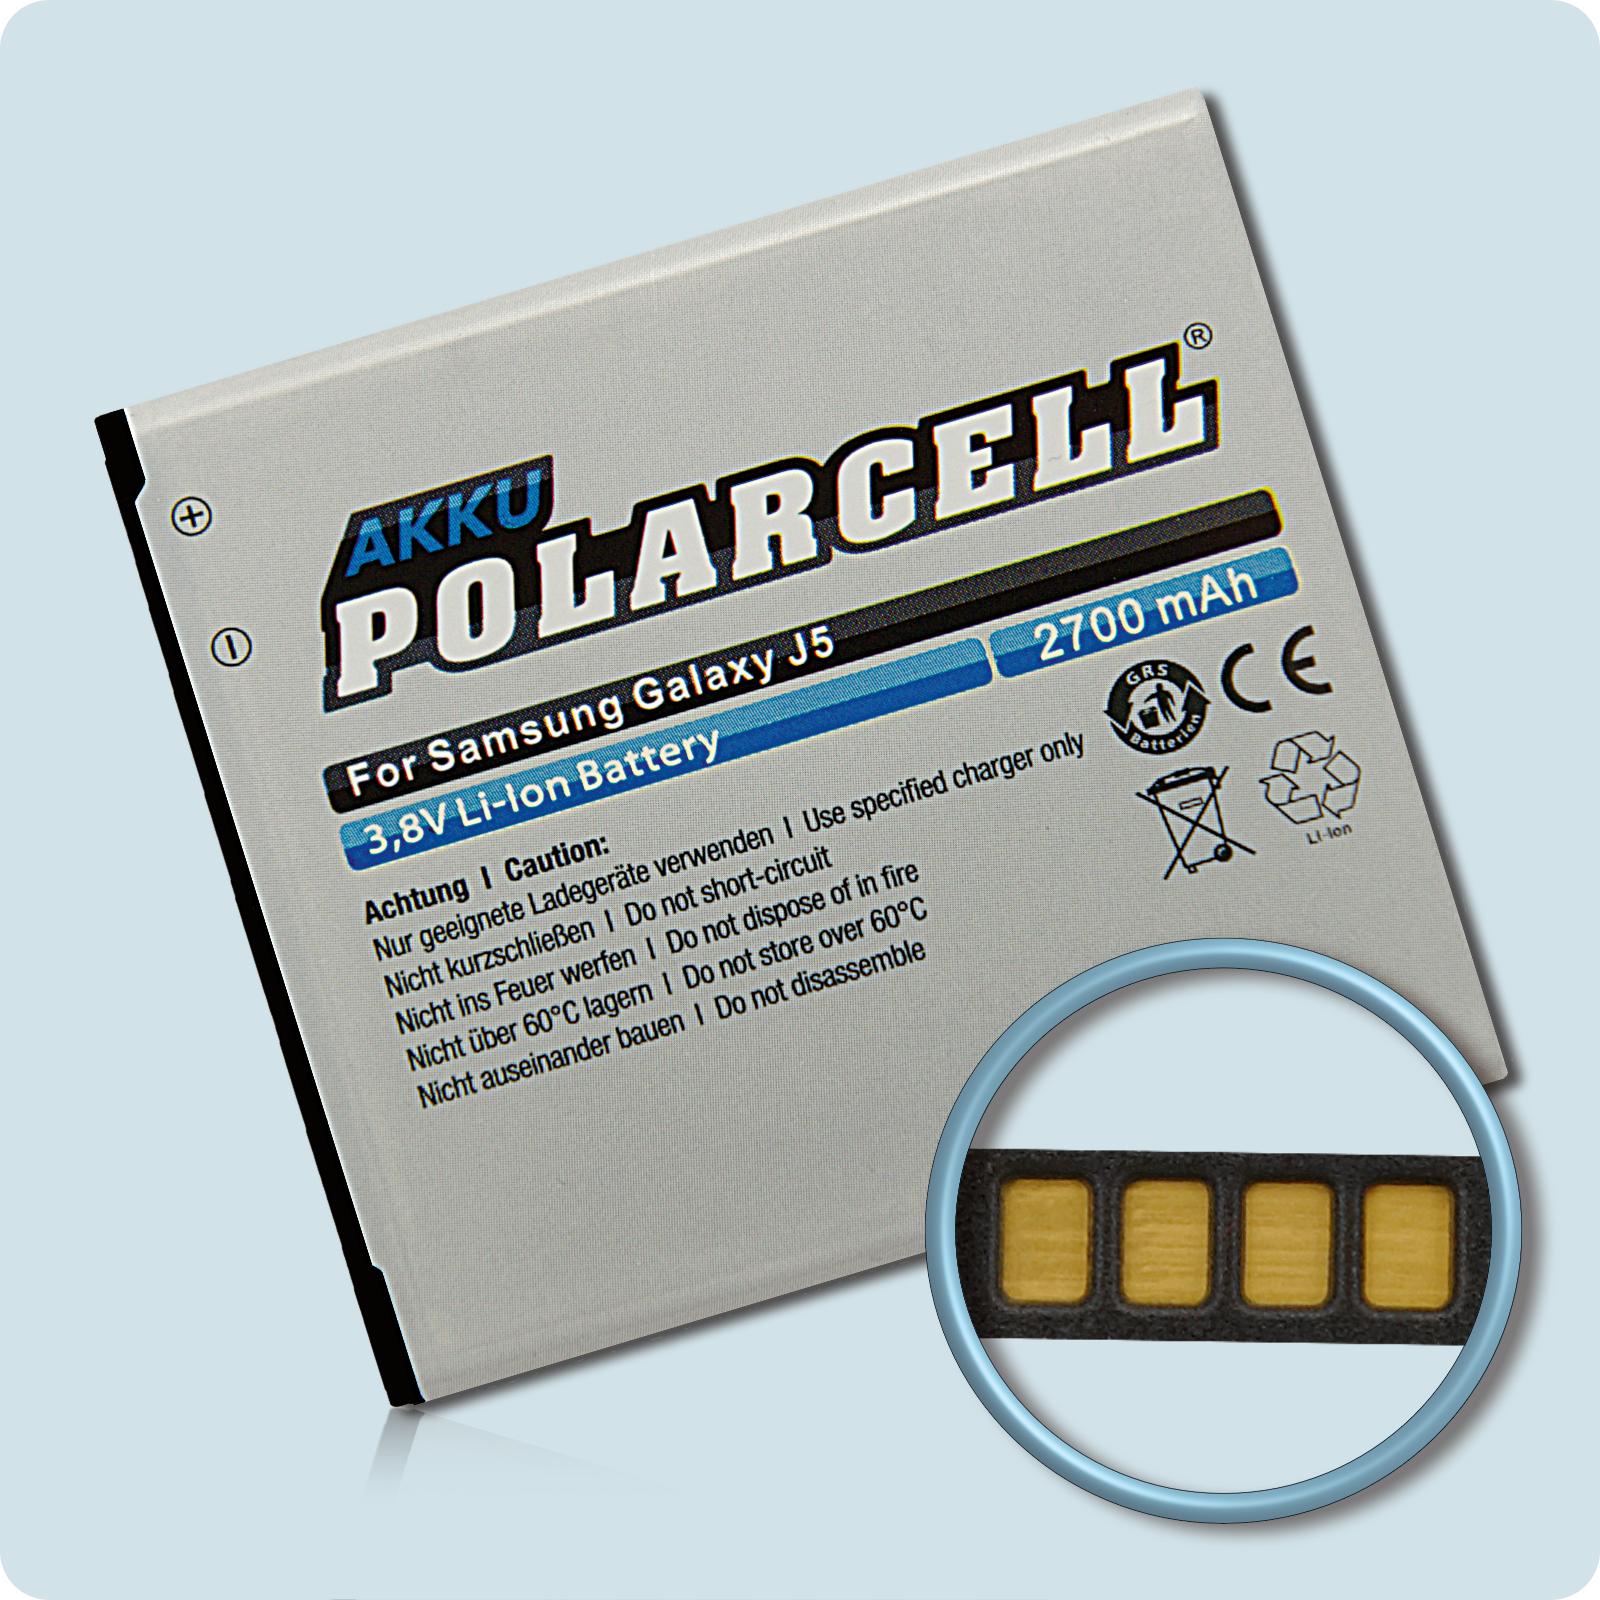 PolarCell® Hochleistungsakku für Samsung Galaxy J5 SM-J500F mit NFC-Antenne, ersetzt Originalakku EB-BG530BBE